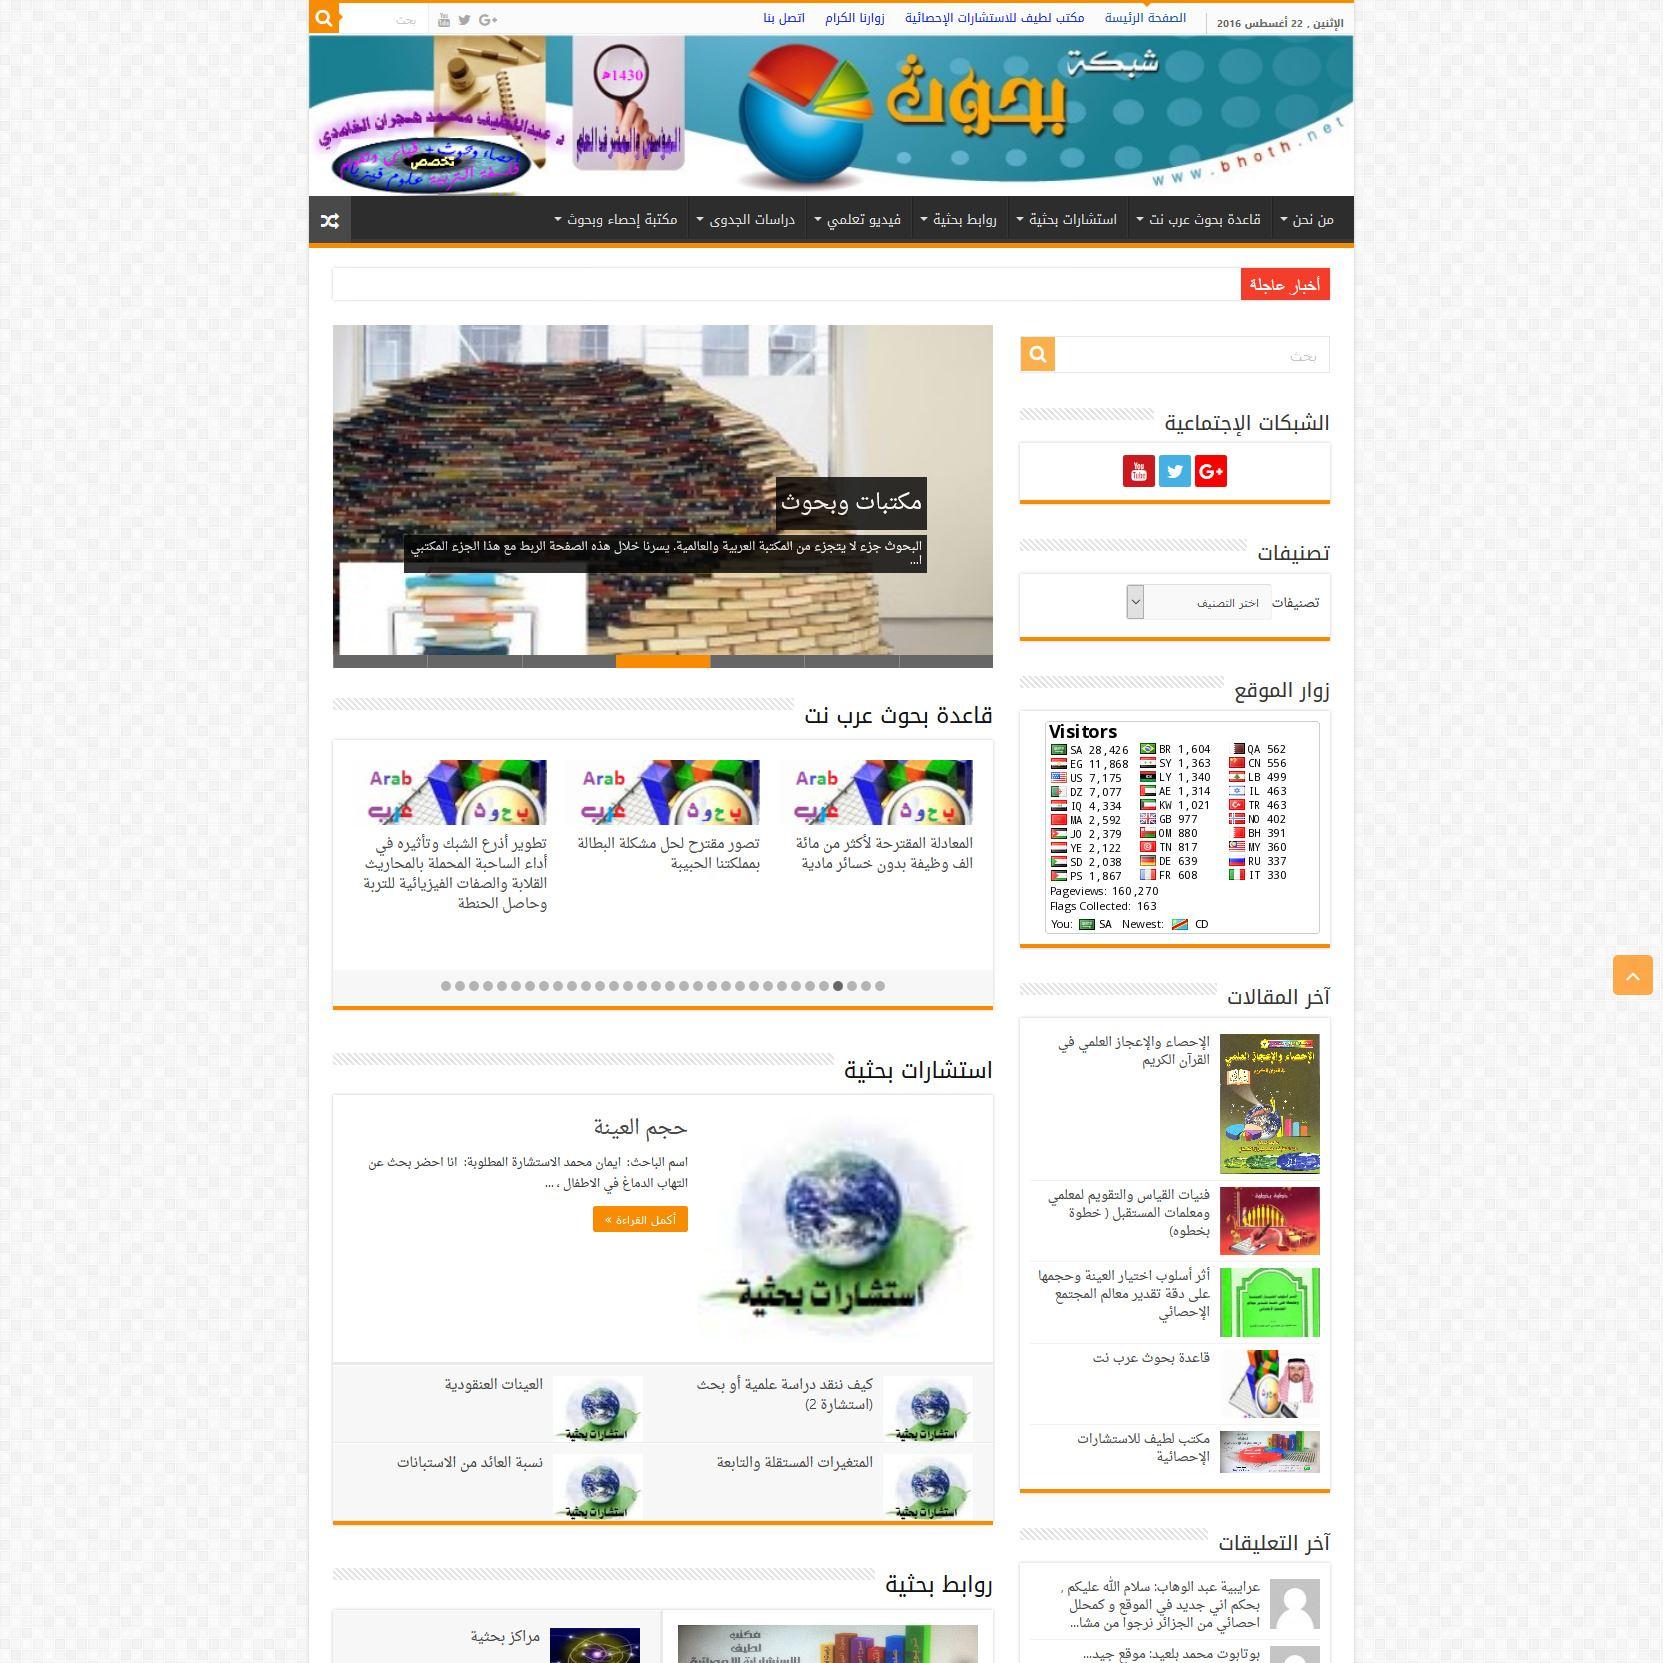 نموذج تصميم موقع نشر مقالات شبكة بحوث ، دومين استضافة تصميم مواقع برنامج نشر صحفي تصميم مواقع استضافة مواقع موقع مجلة صحيفة نشر